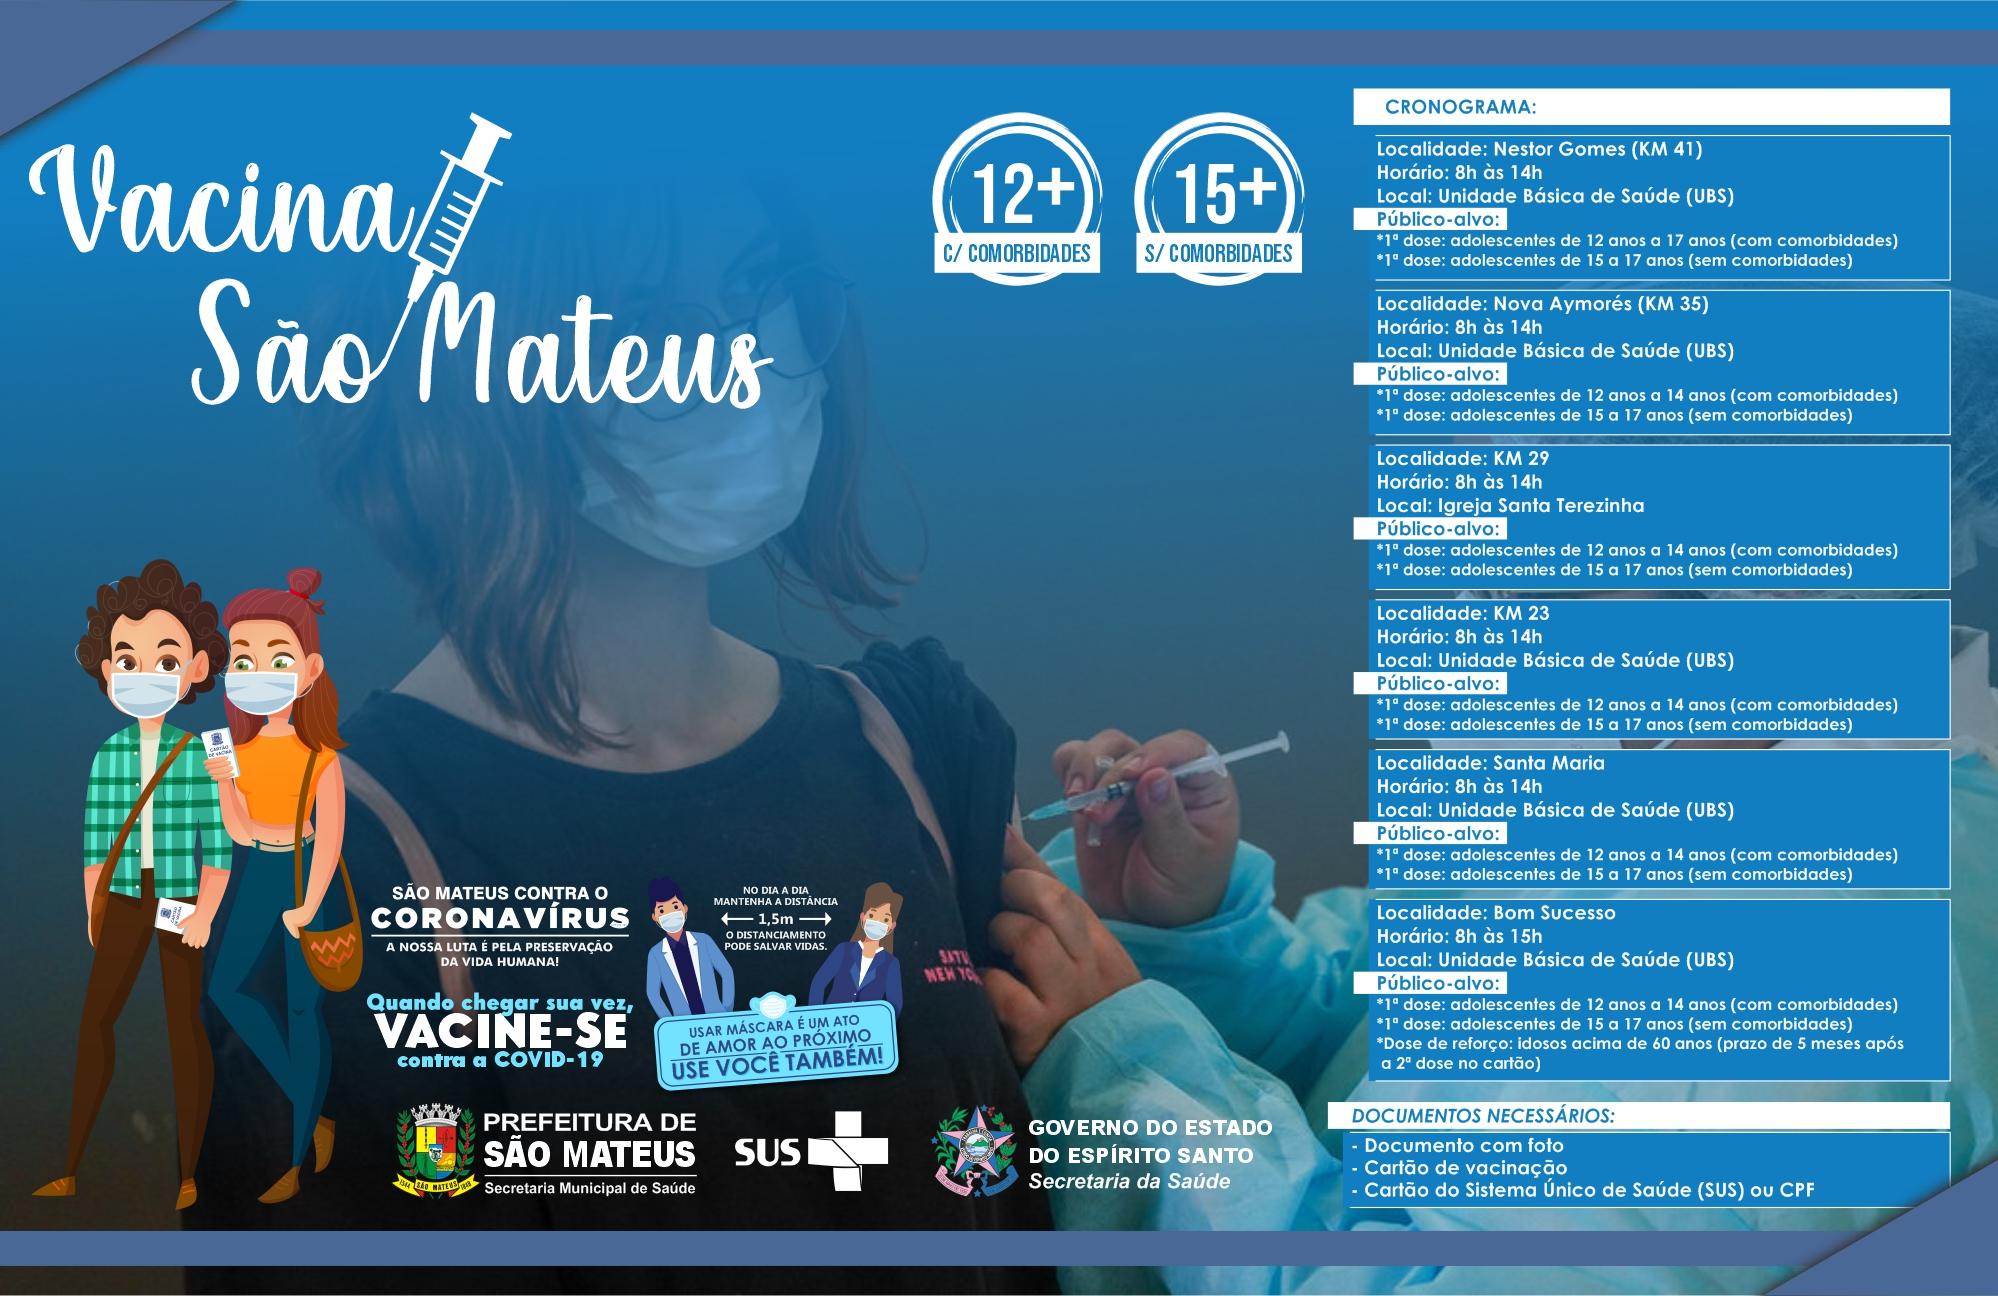 SÁBADO (18) TEM VACINAÇÃO CONTRA COVID VOLTADA PARA OS ADOLESCENTES DE SÃO MATEUS